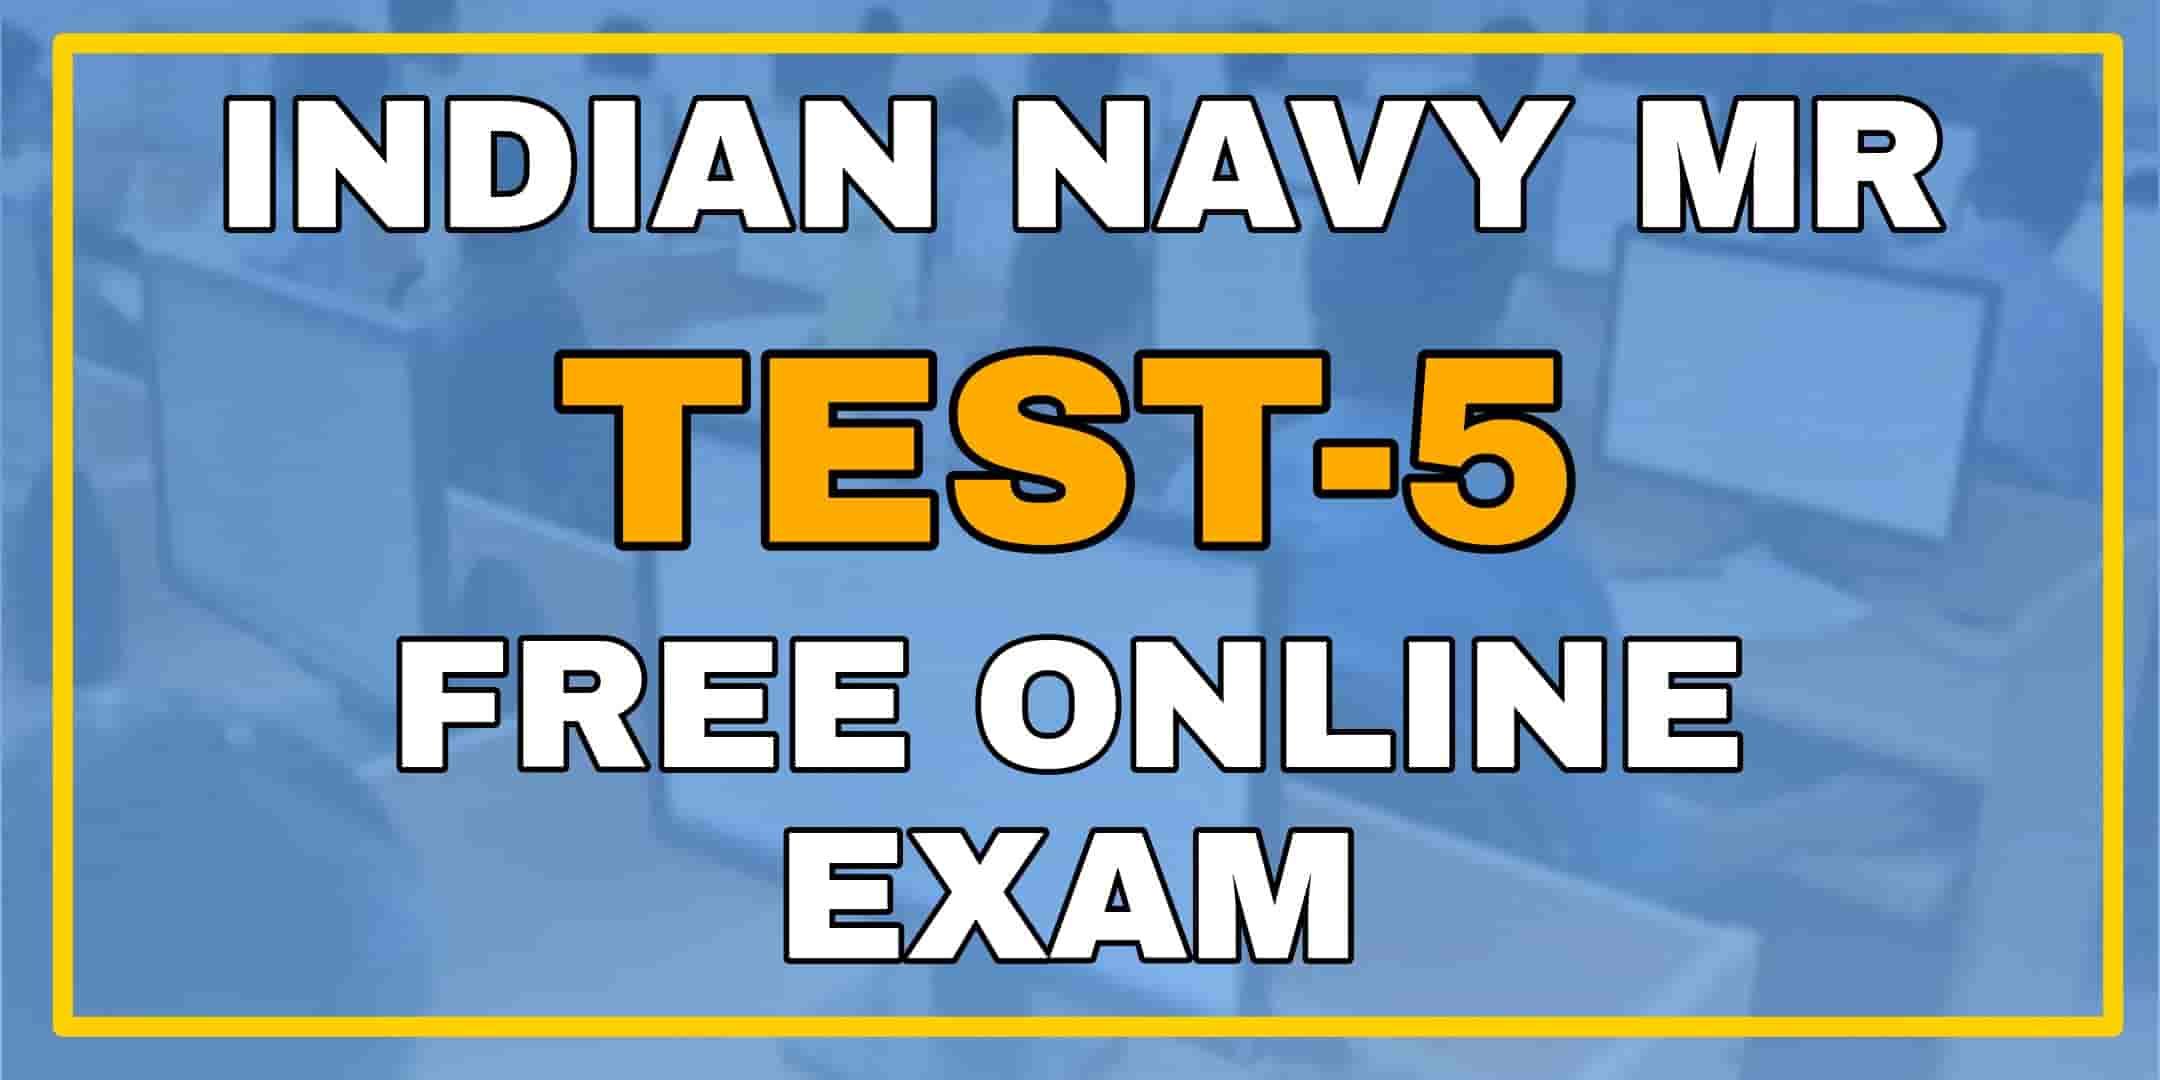 Indian Navy MR Online Exam Test-5